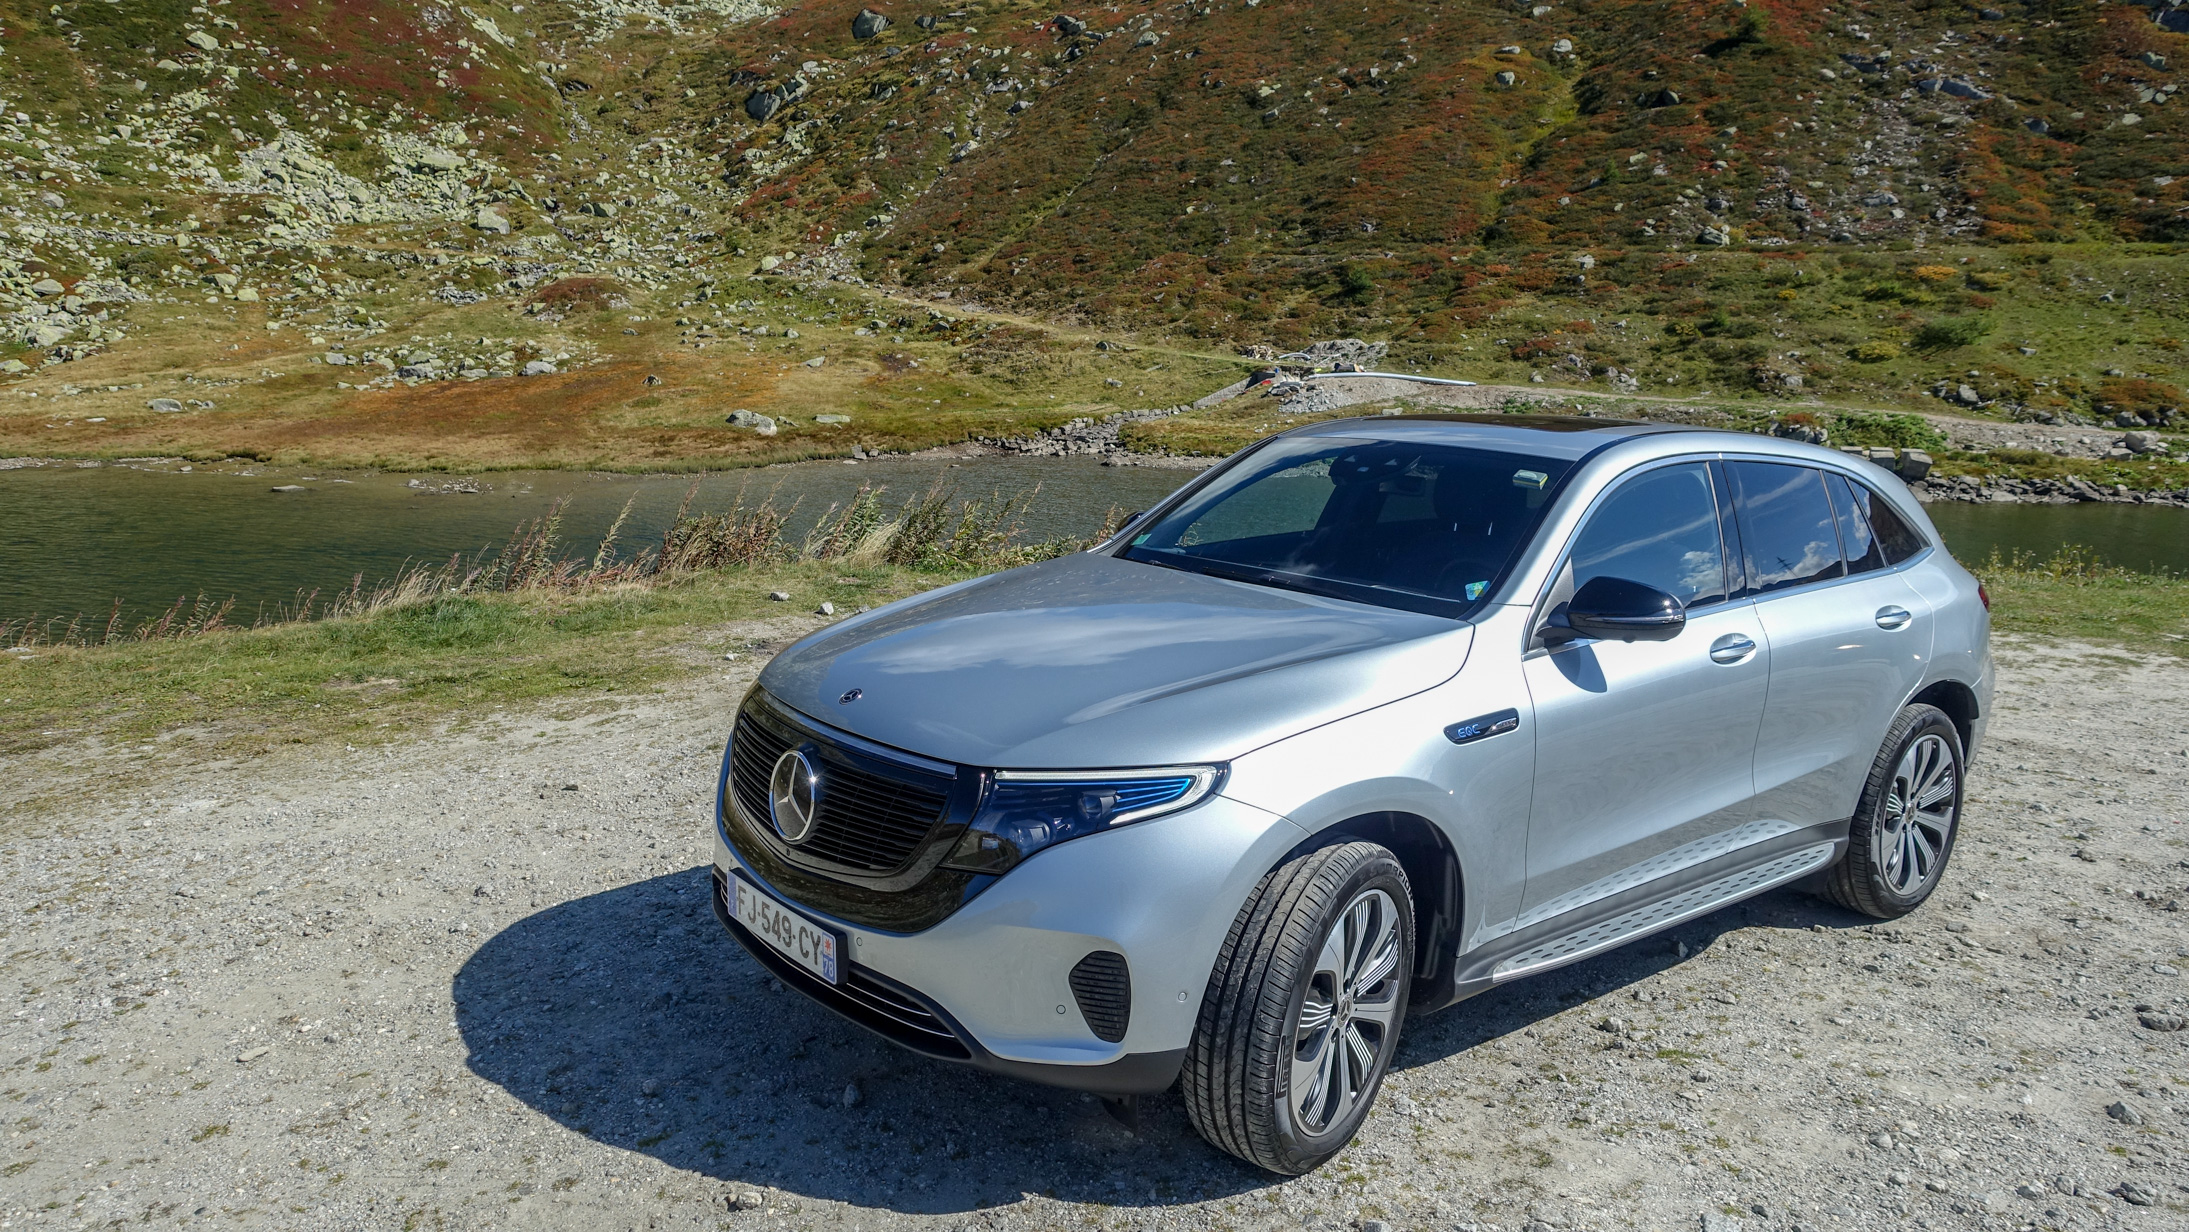 Essai du SUV électrique Mercedes EQC 400 : notre verdict après un road trip de 500 km